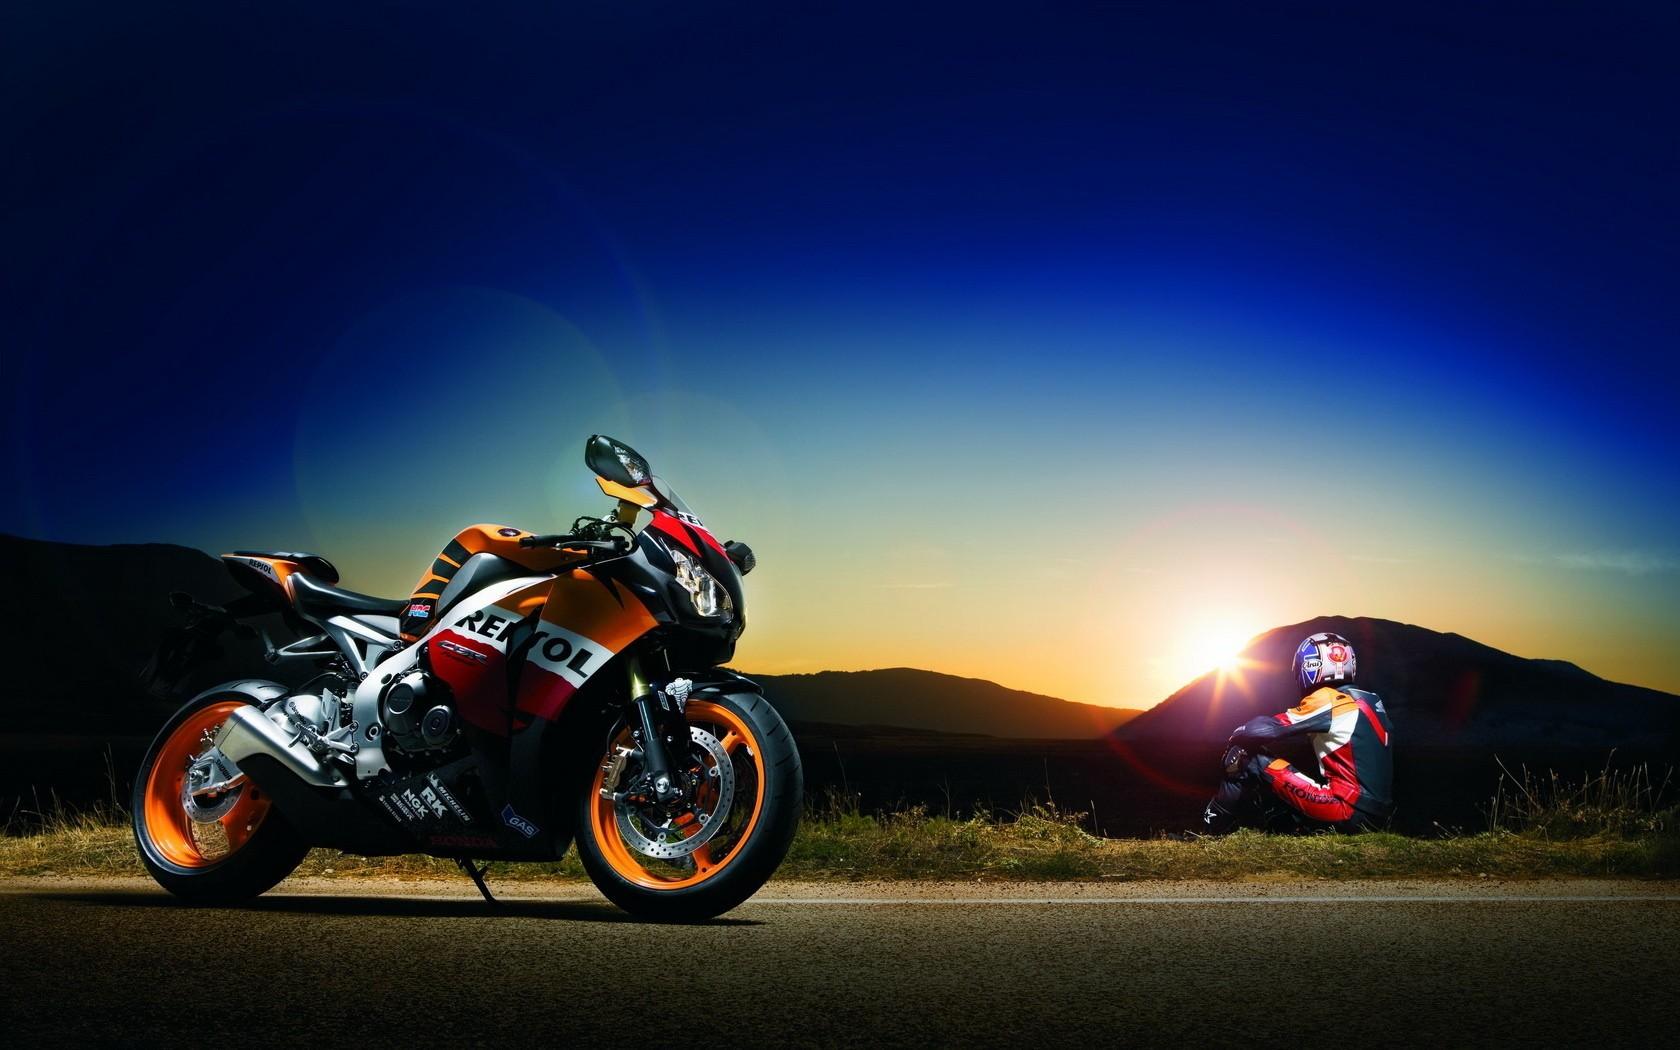 Honda CBR Honda CBR1000RR Repsol midnight Wallpapers 1680x1050